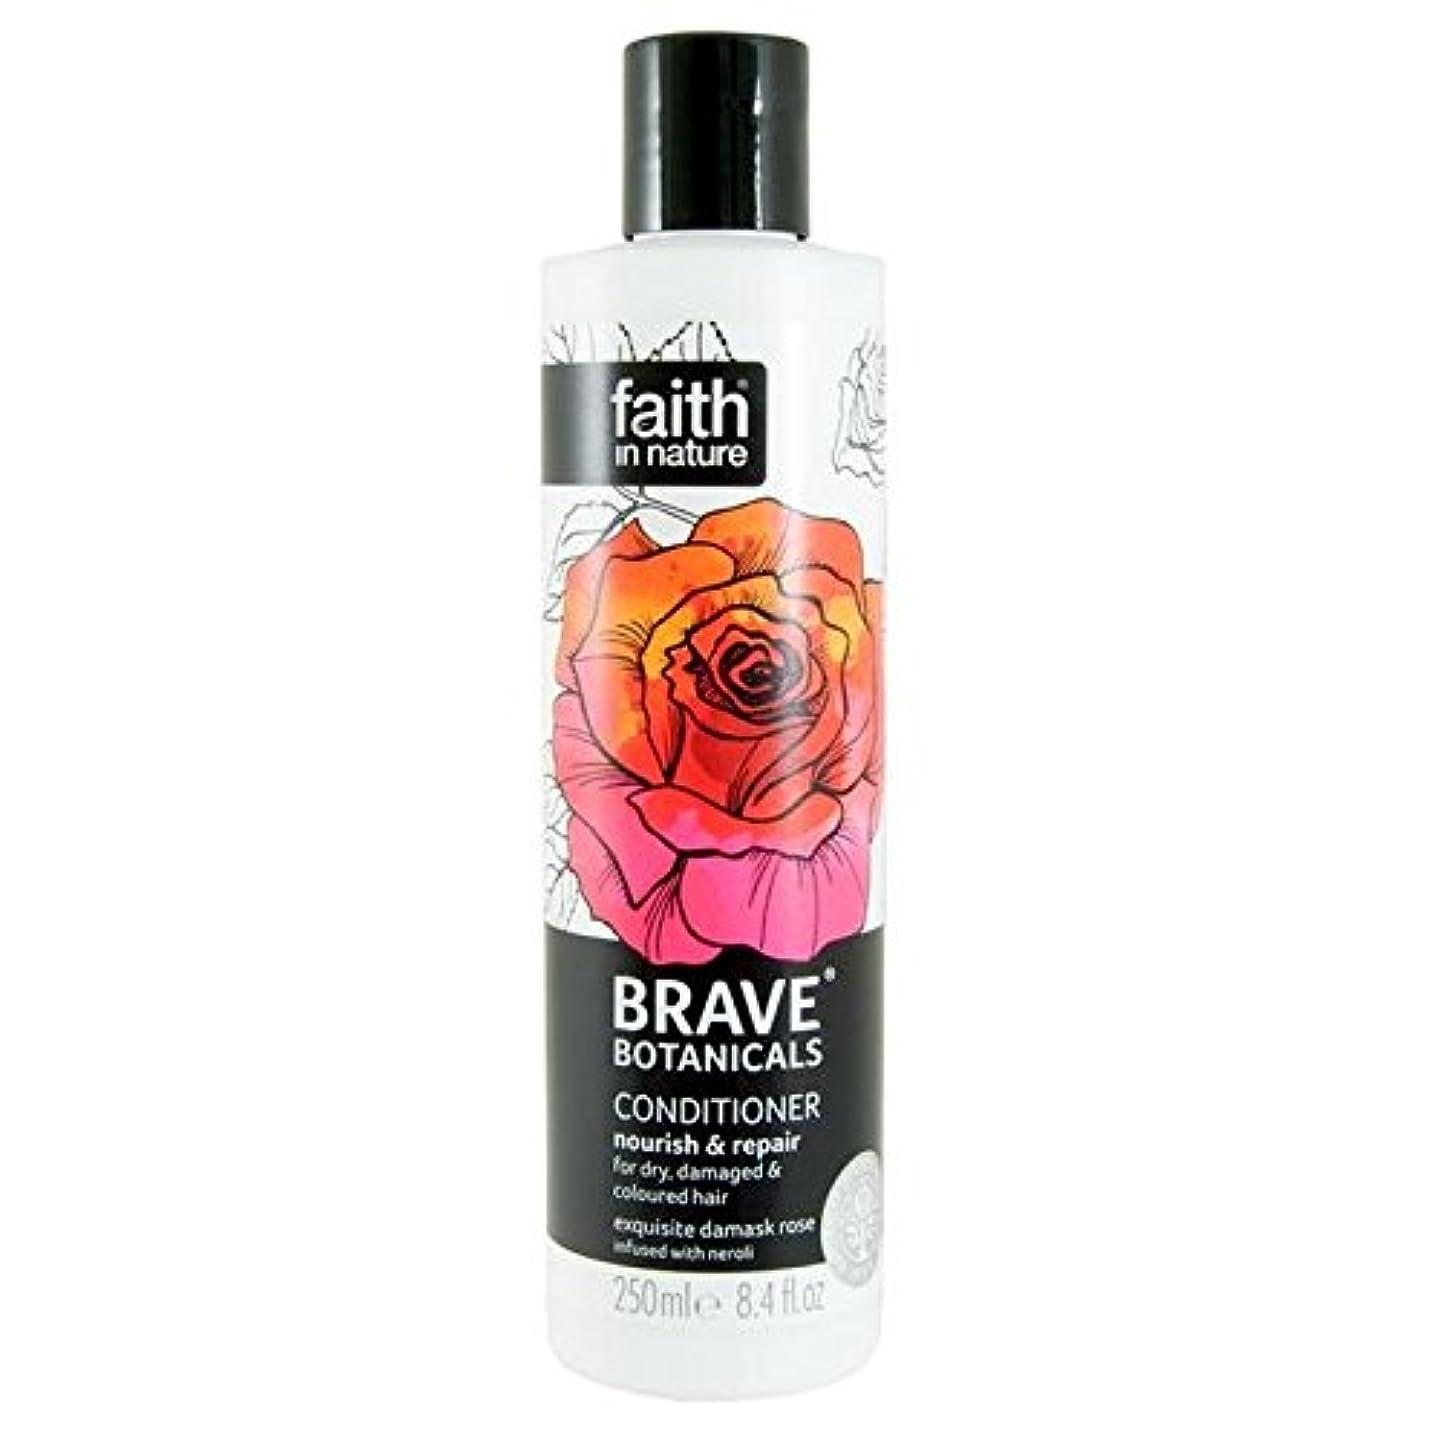 観客テクニカル知人Brave Botanicals Rose & Neroli Nourish & Repair Conditioner 250ml - (Faith In Nature) 勇敢な植物は、ローズ&ネロリは養う&リペアコンディショナー...